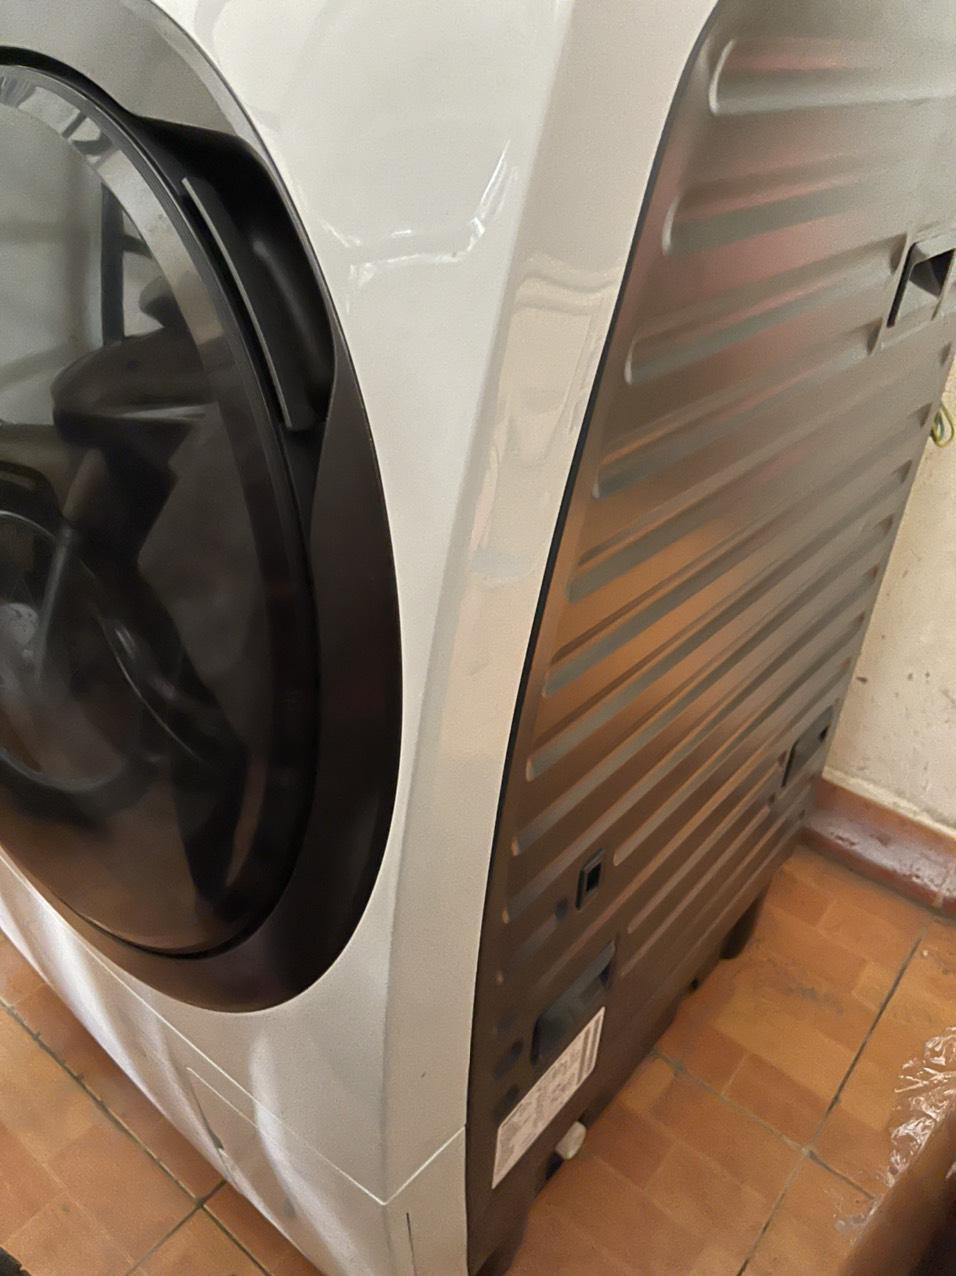 Máy Giặt Panasonic Vx9500 Giặt 10kg Sấy 6kg 2